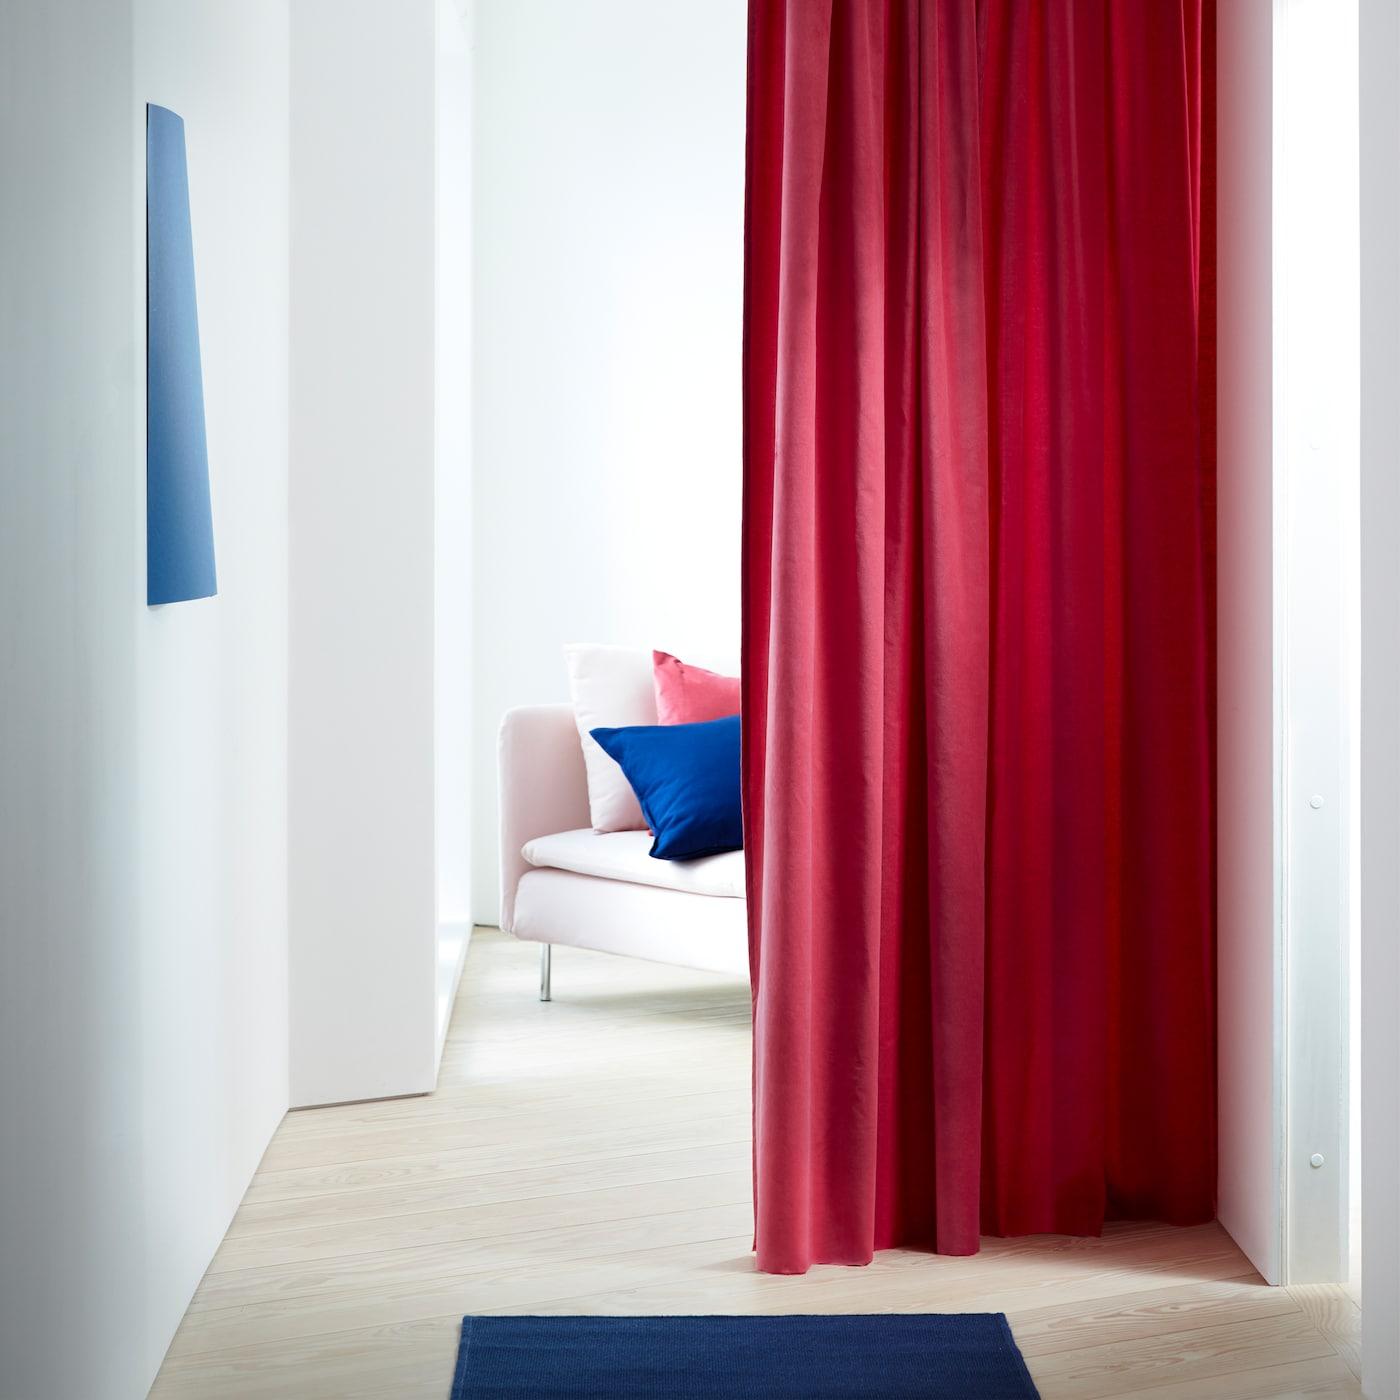 Unes cortines SANELA de vellut de cotó amb uns agradables tocs de vermell i marró clar que enfosqueixen l'habitació i que aquí es fan servir com a divisor d'una habitació.